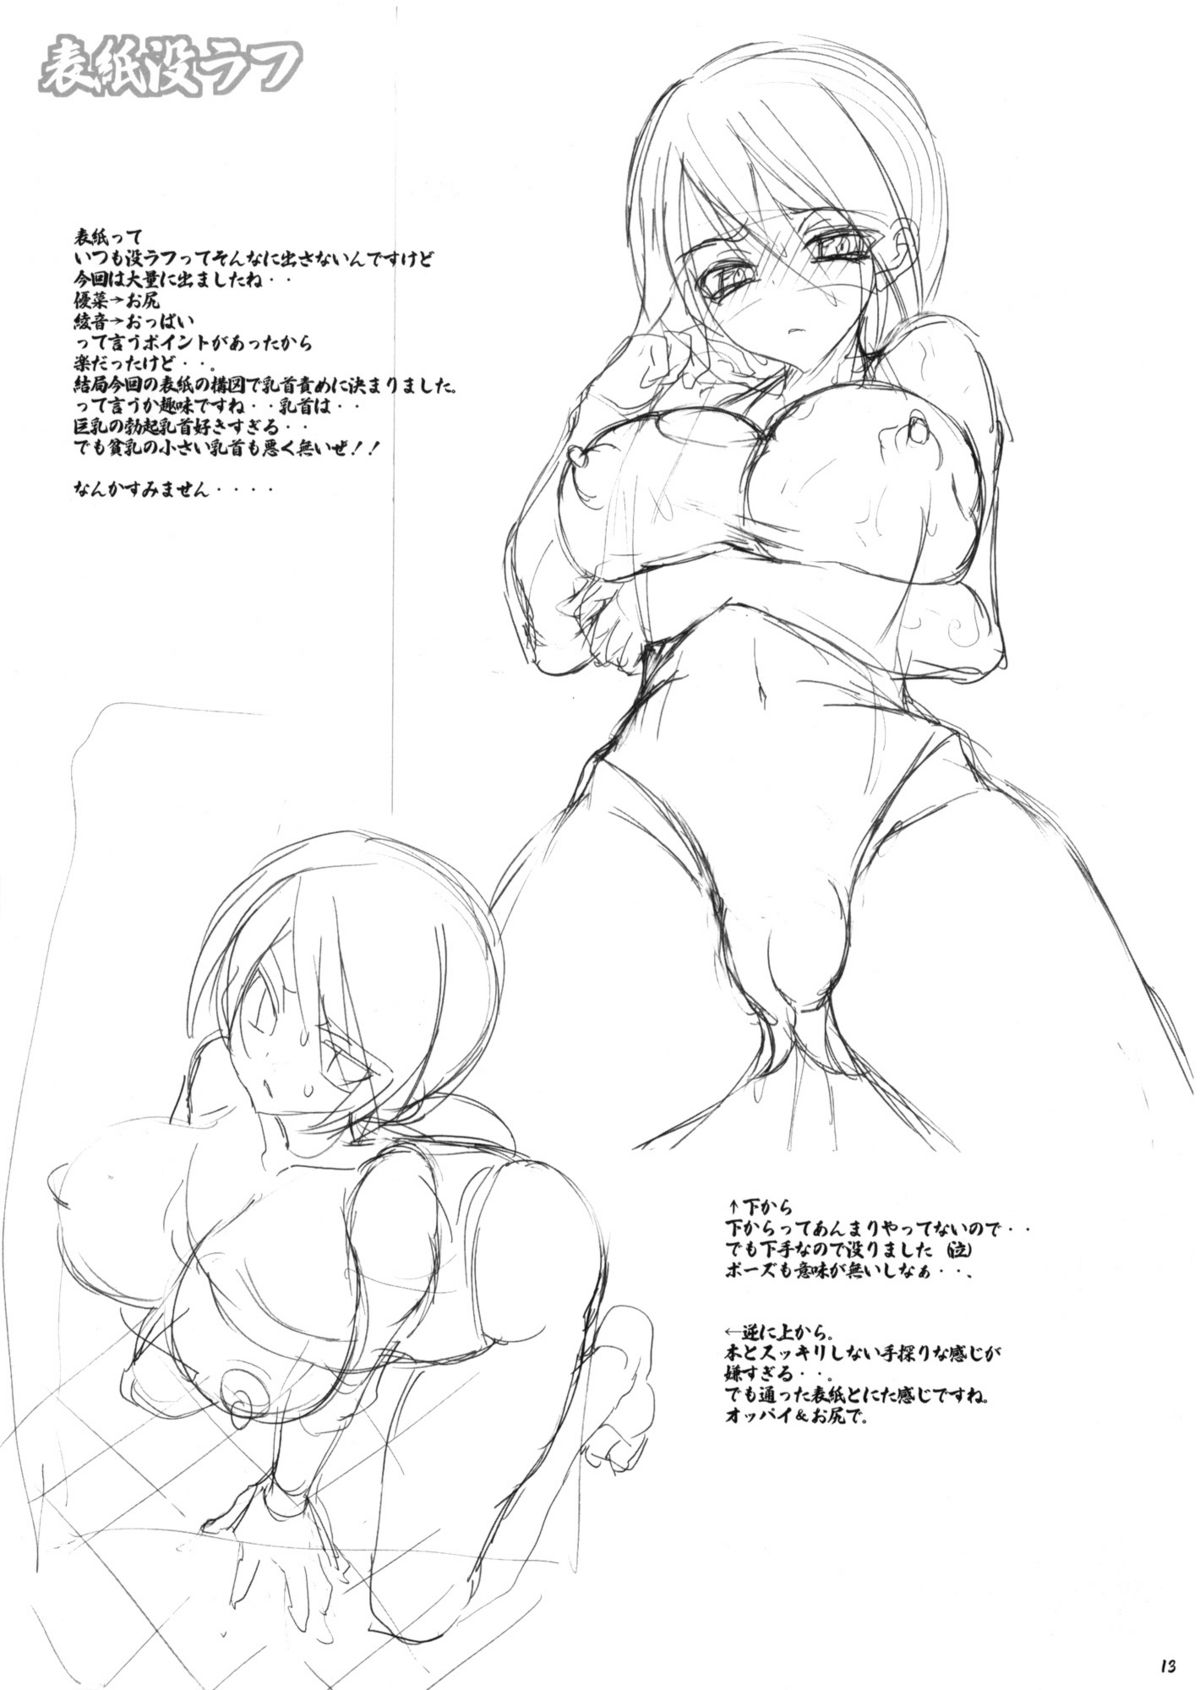 勝ち気な巨乳JKがスクール水着姿で輪姦凌辱される!?!?【エロ漫画・エロ同人】 (46)